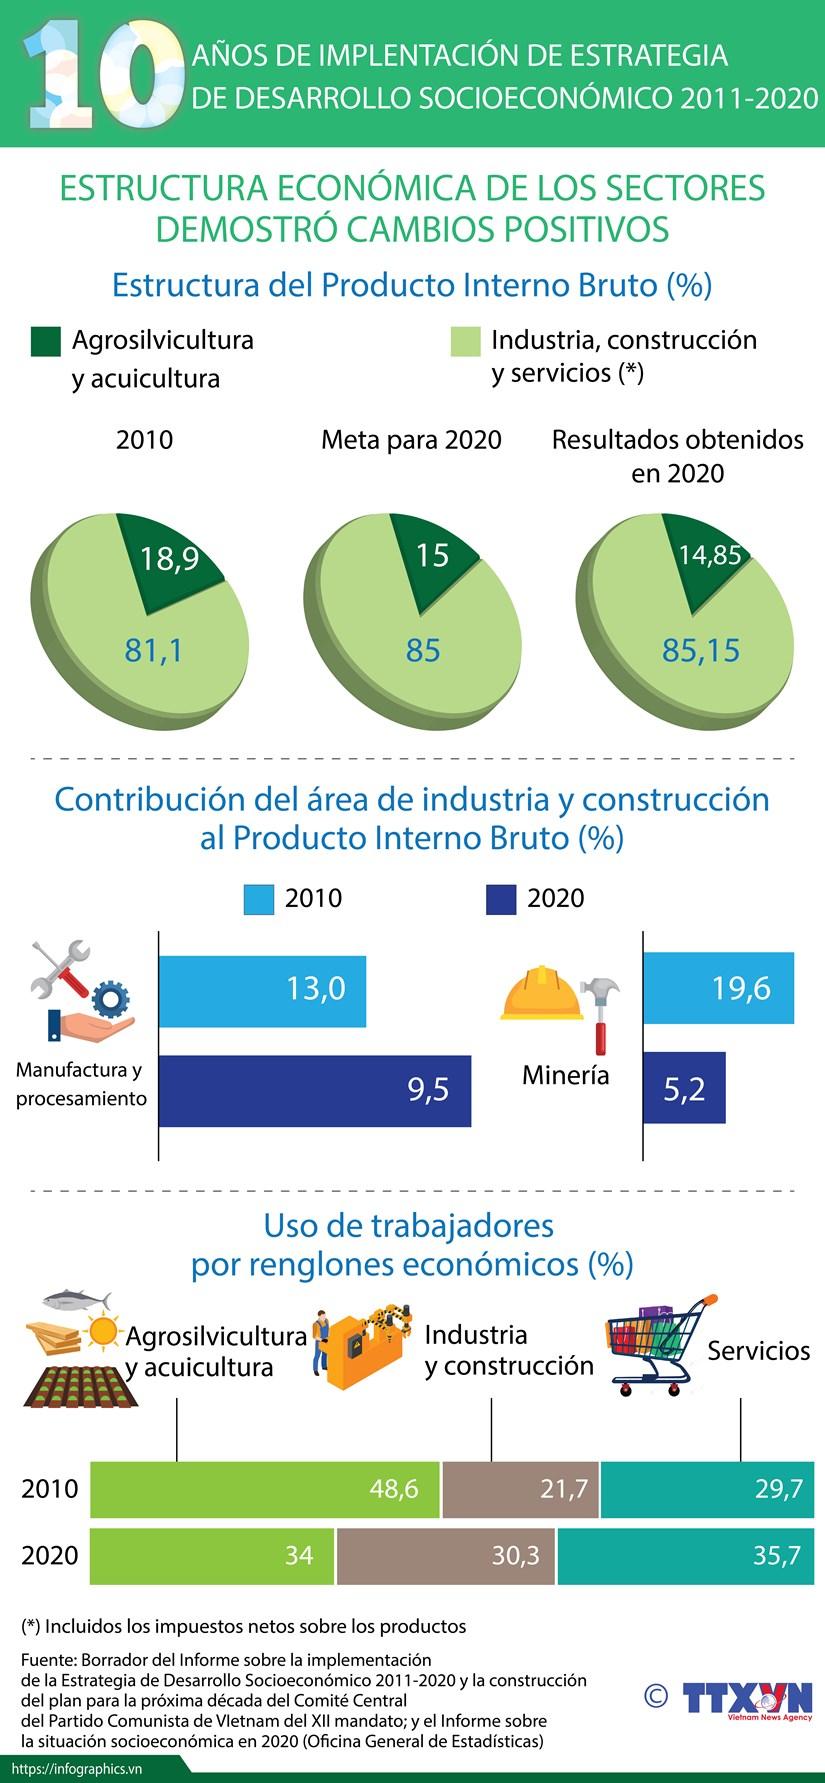 10 anos de implementacion de Estrategia de Desarrollo Socioeconomico 2011-2020 hinh anh 1